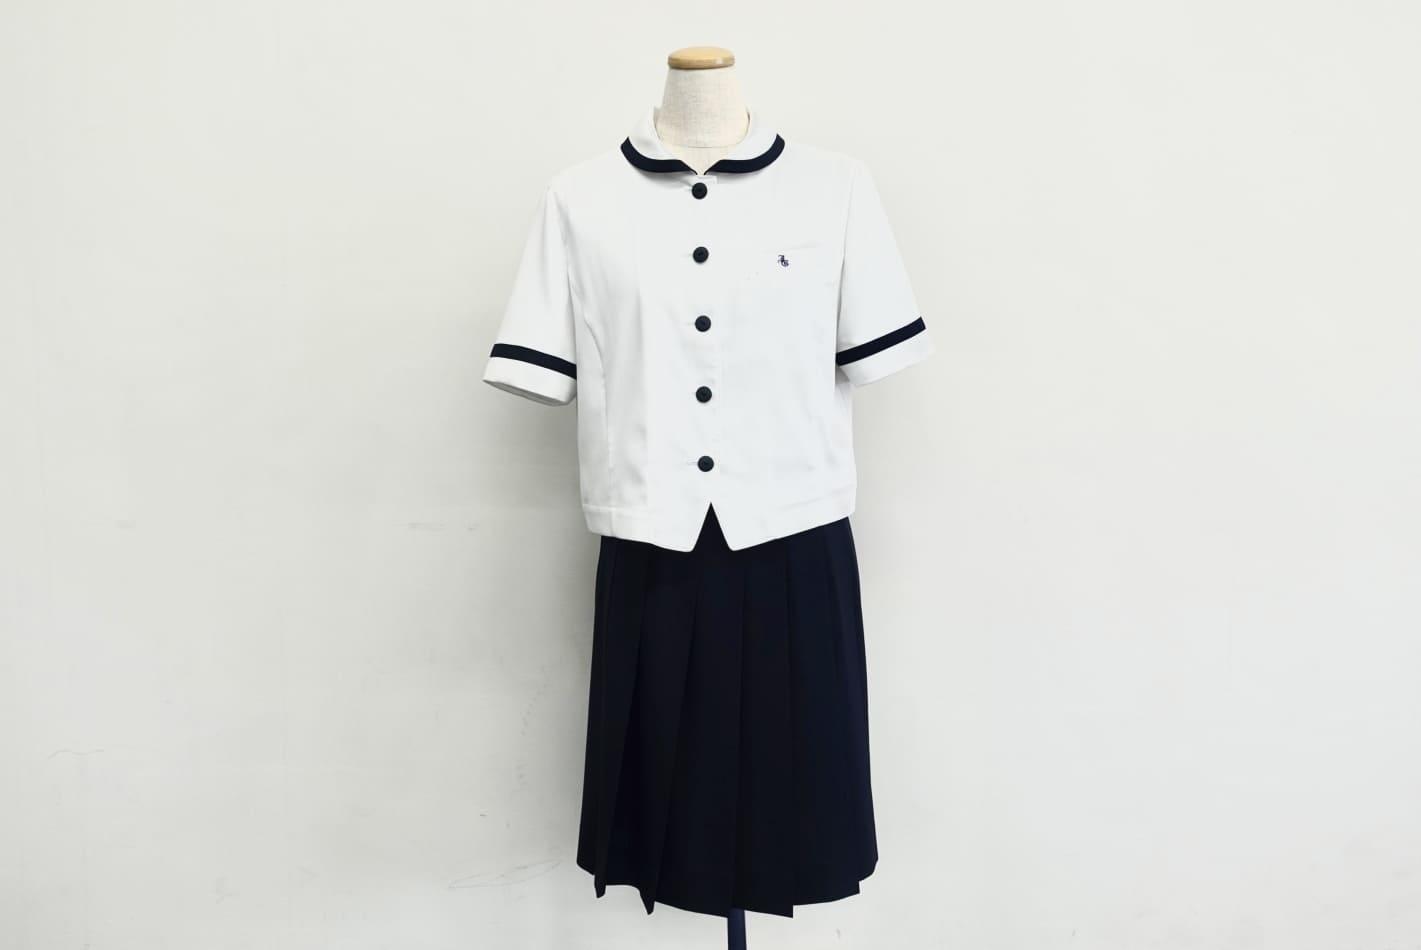 中学女子制服(夏服)